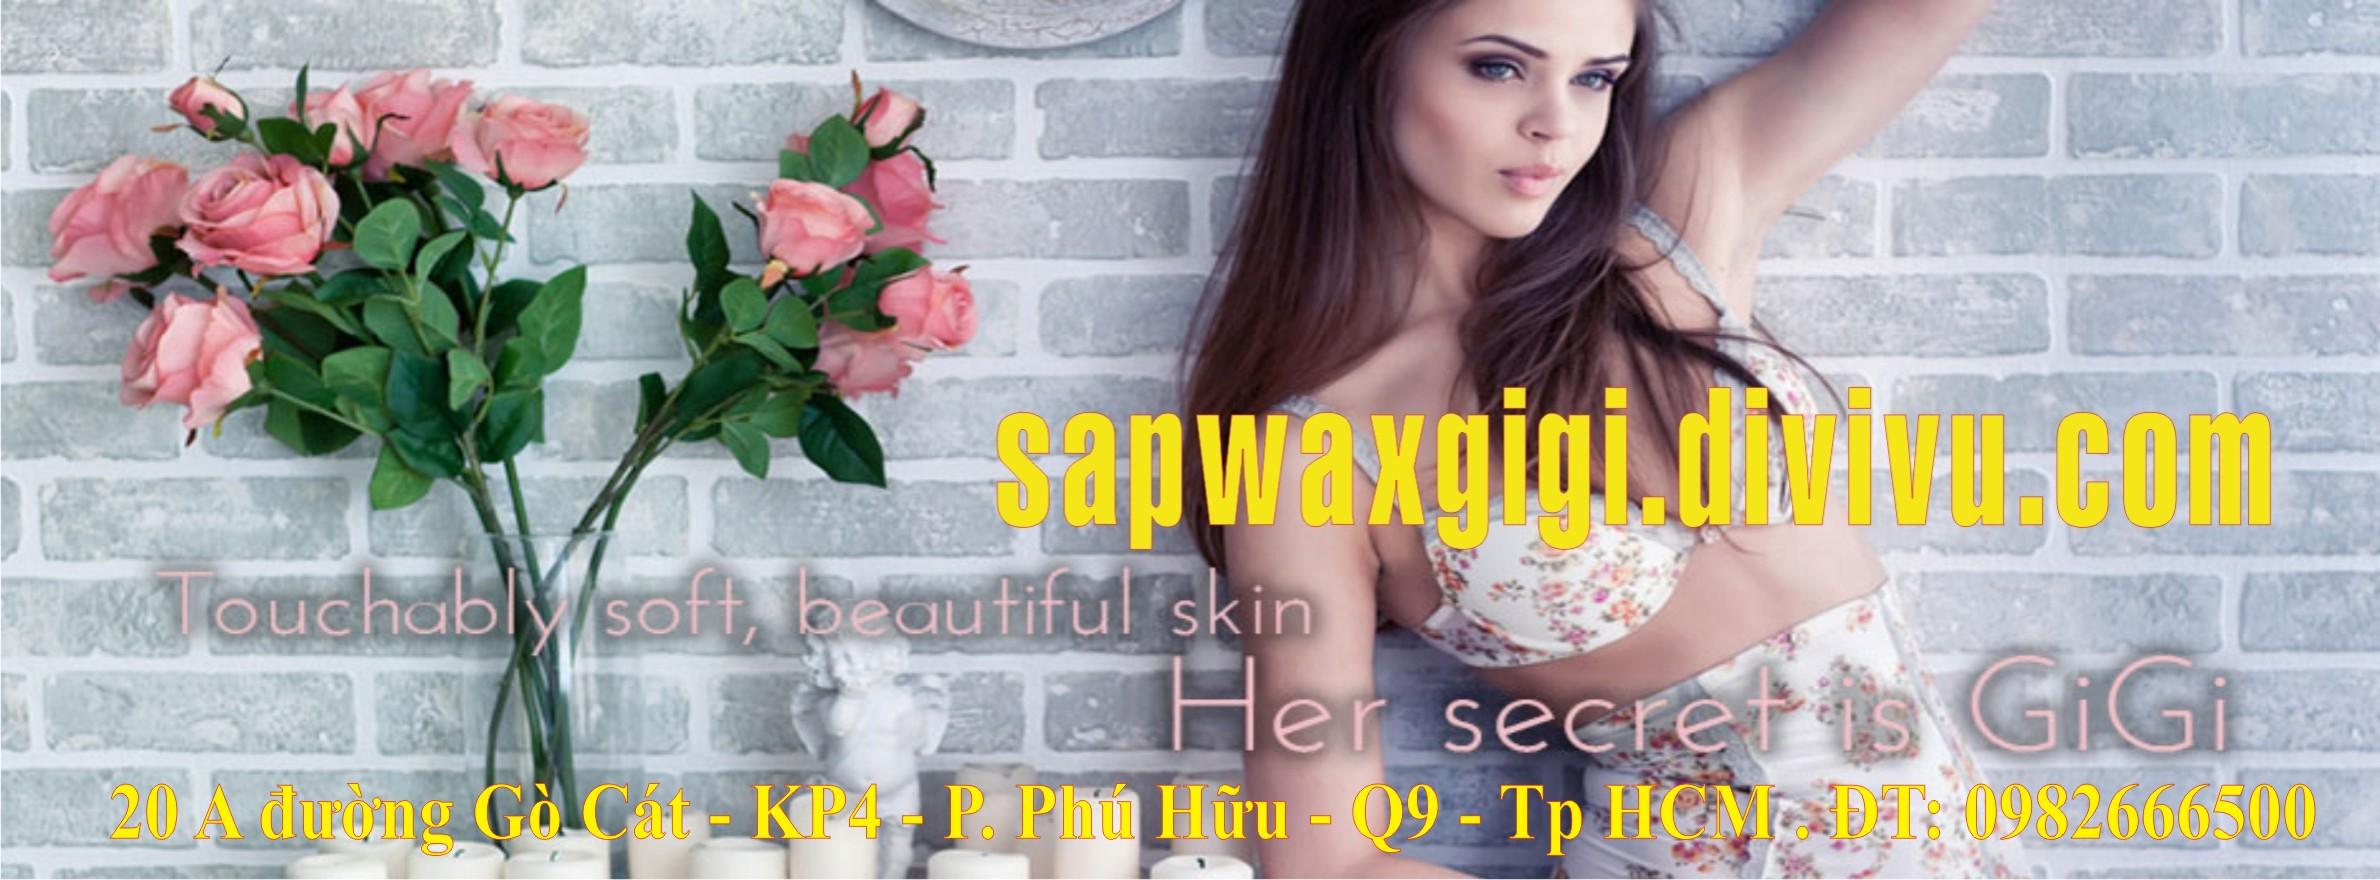 www.sapwaxgigi.com